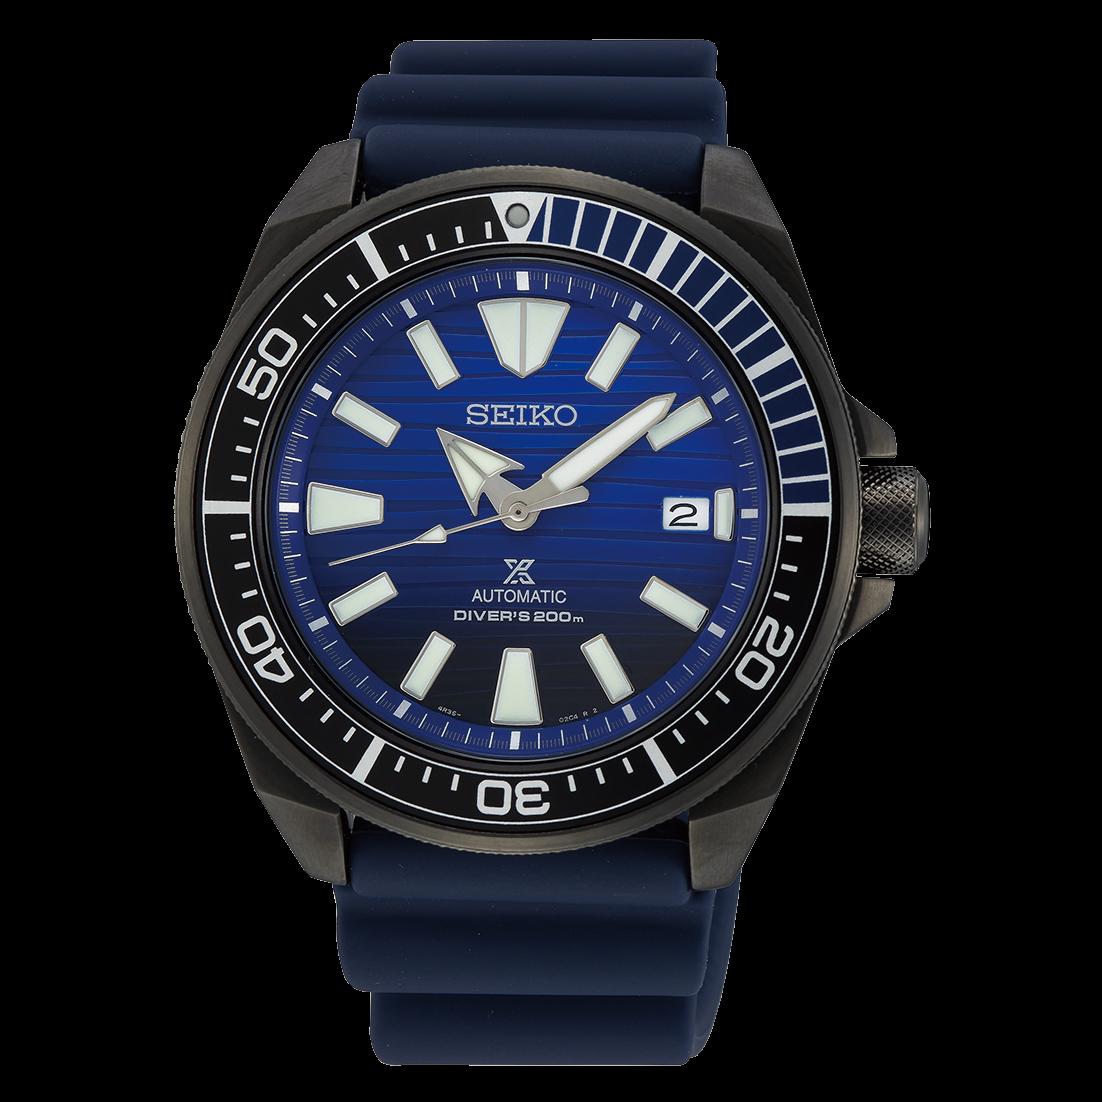 Seiko Prospex Automatic Diver SRPD09K1